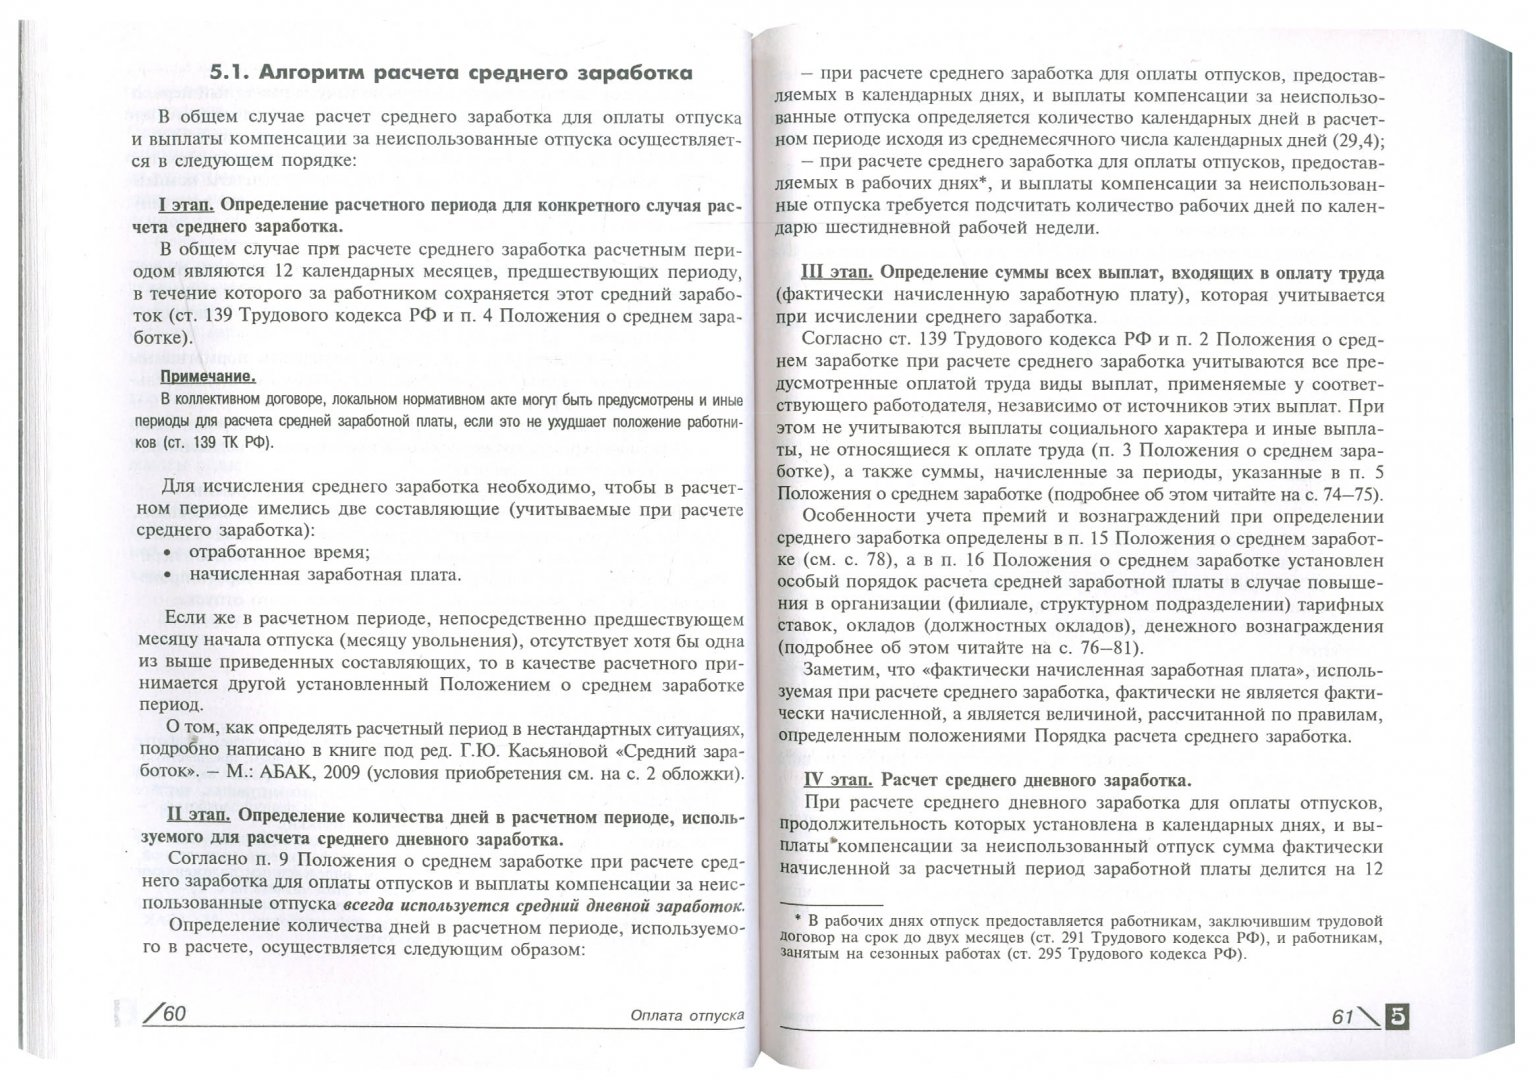 Иллюстрация 1 из 2 для Отпуска: оформление, предоставление, оплата (с учетом всех изменений в законодательстве)   Лабиринт - книги. Источник: Лабиринт